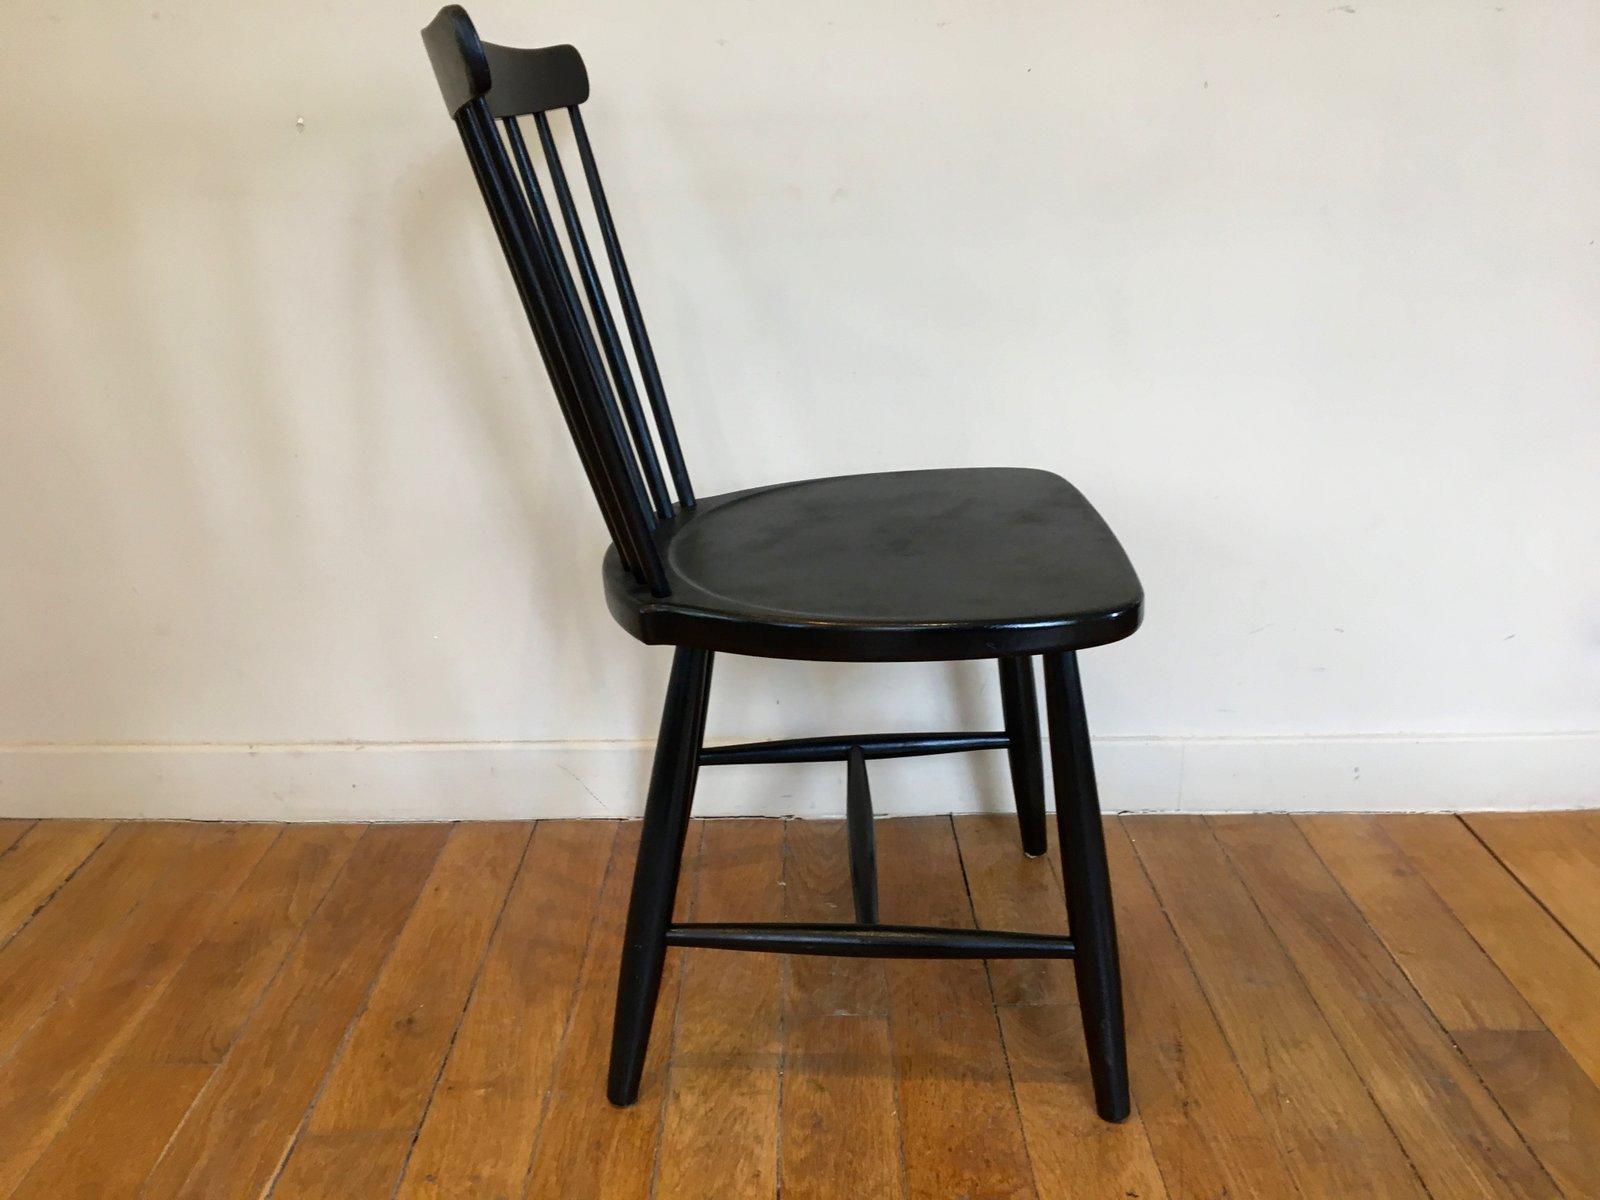 skandinavische haga 210 st hle von sven erik fryklund f r hagafors 1950er 4er set bei pamono. Black Bedroom Furniture Sets. Home Design Ideas